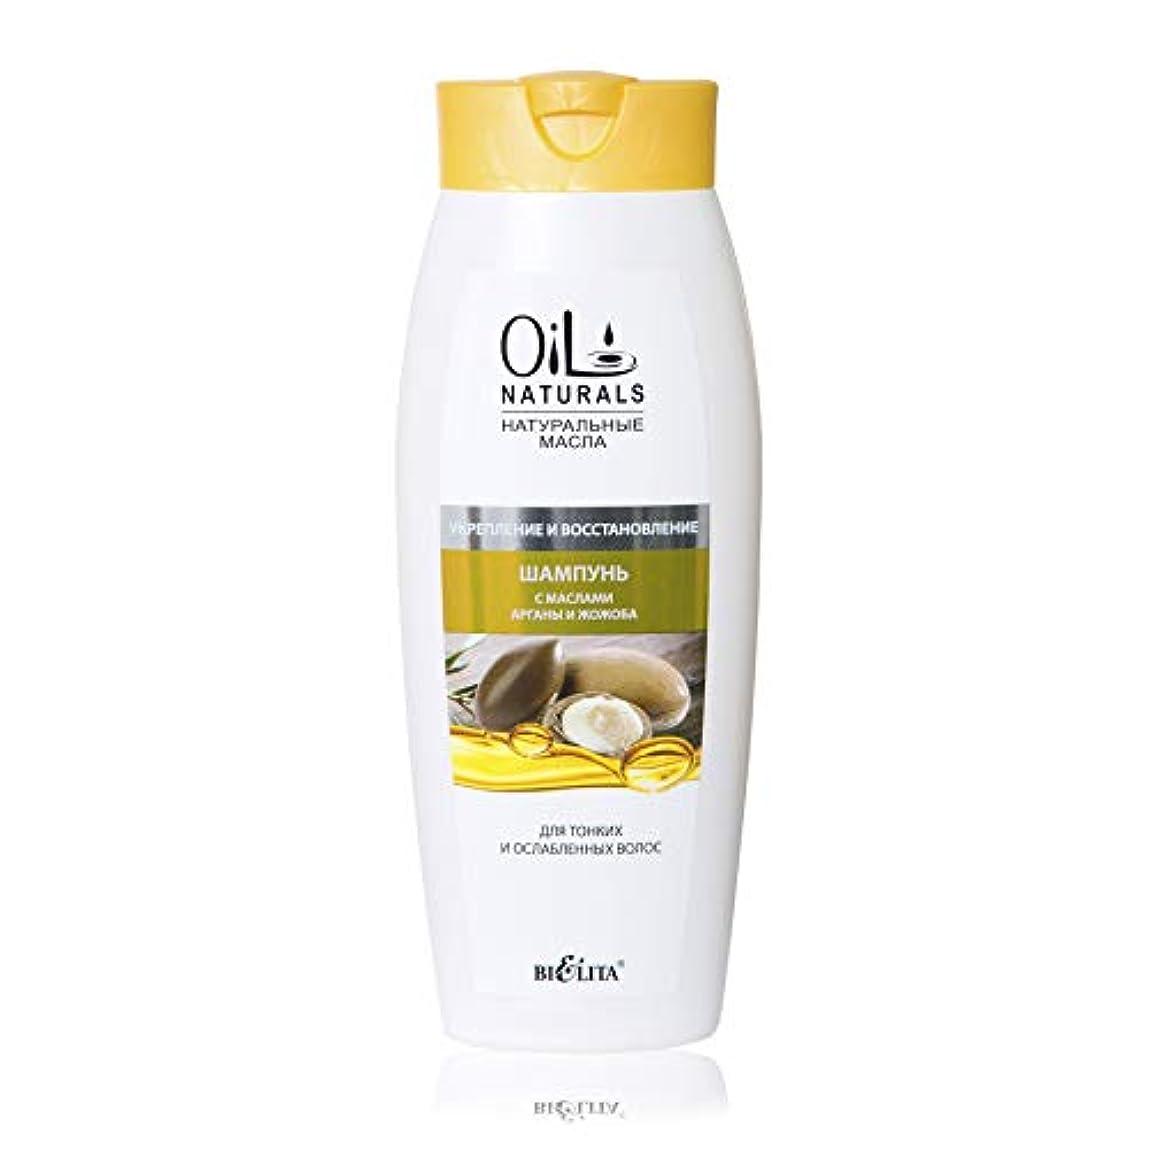 感謝エールうっかりBielita & Vitex Oil Naturals Line | Strengthening & Restoring Shampoo for Thin Hair, 430 ml | Argan Oil, Silk...